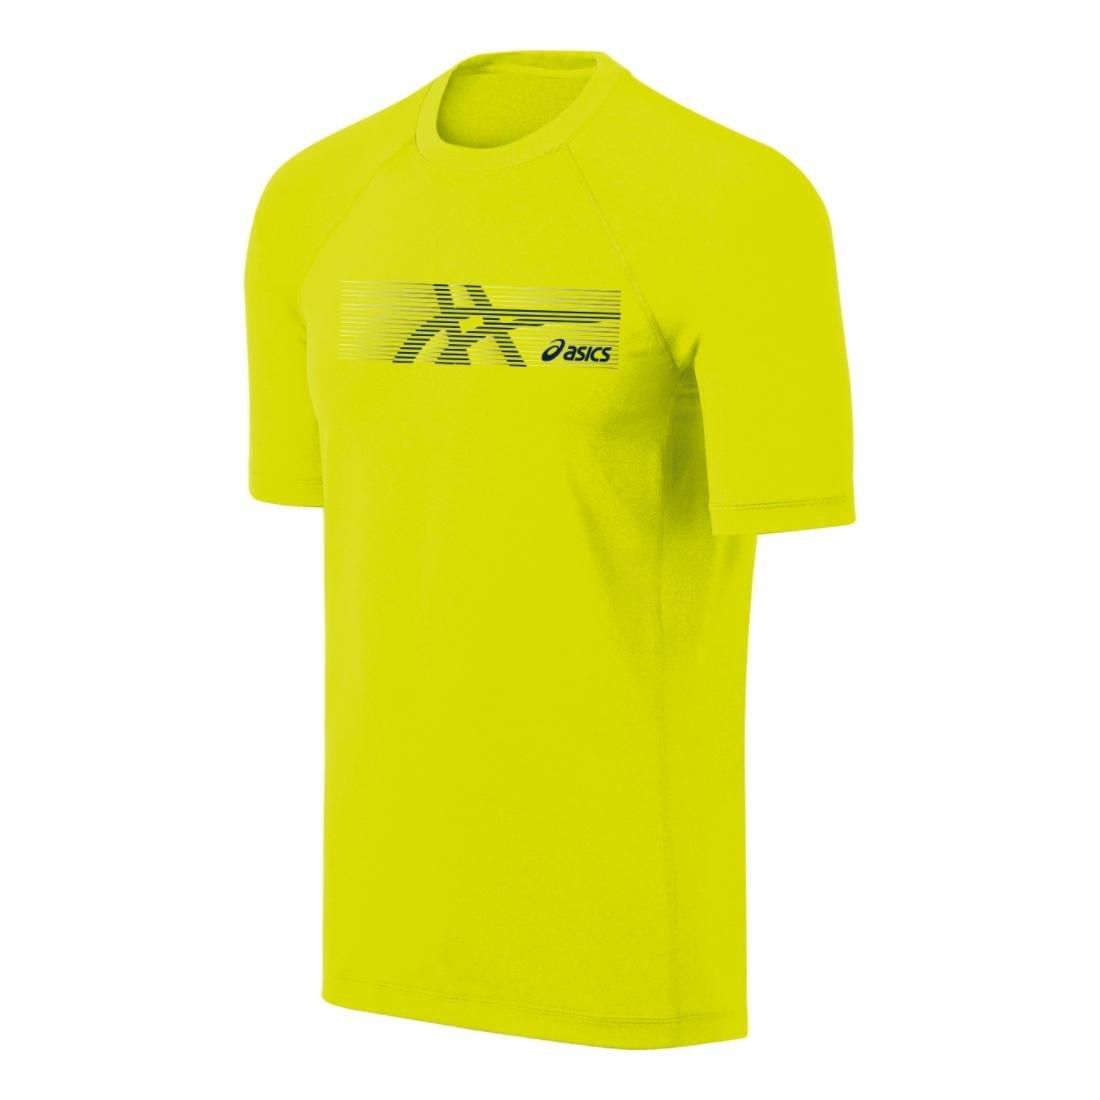 asics tshirt